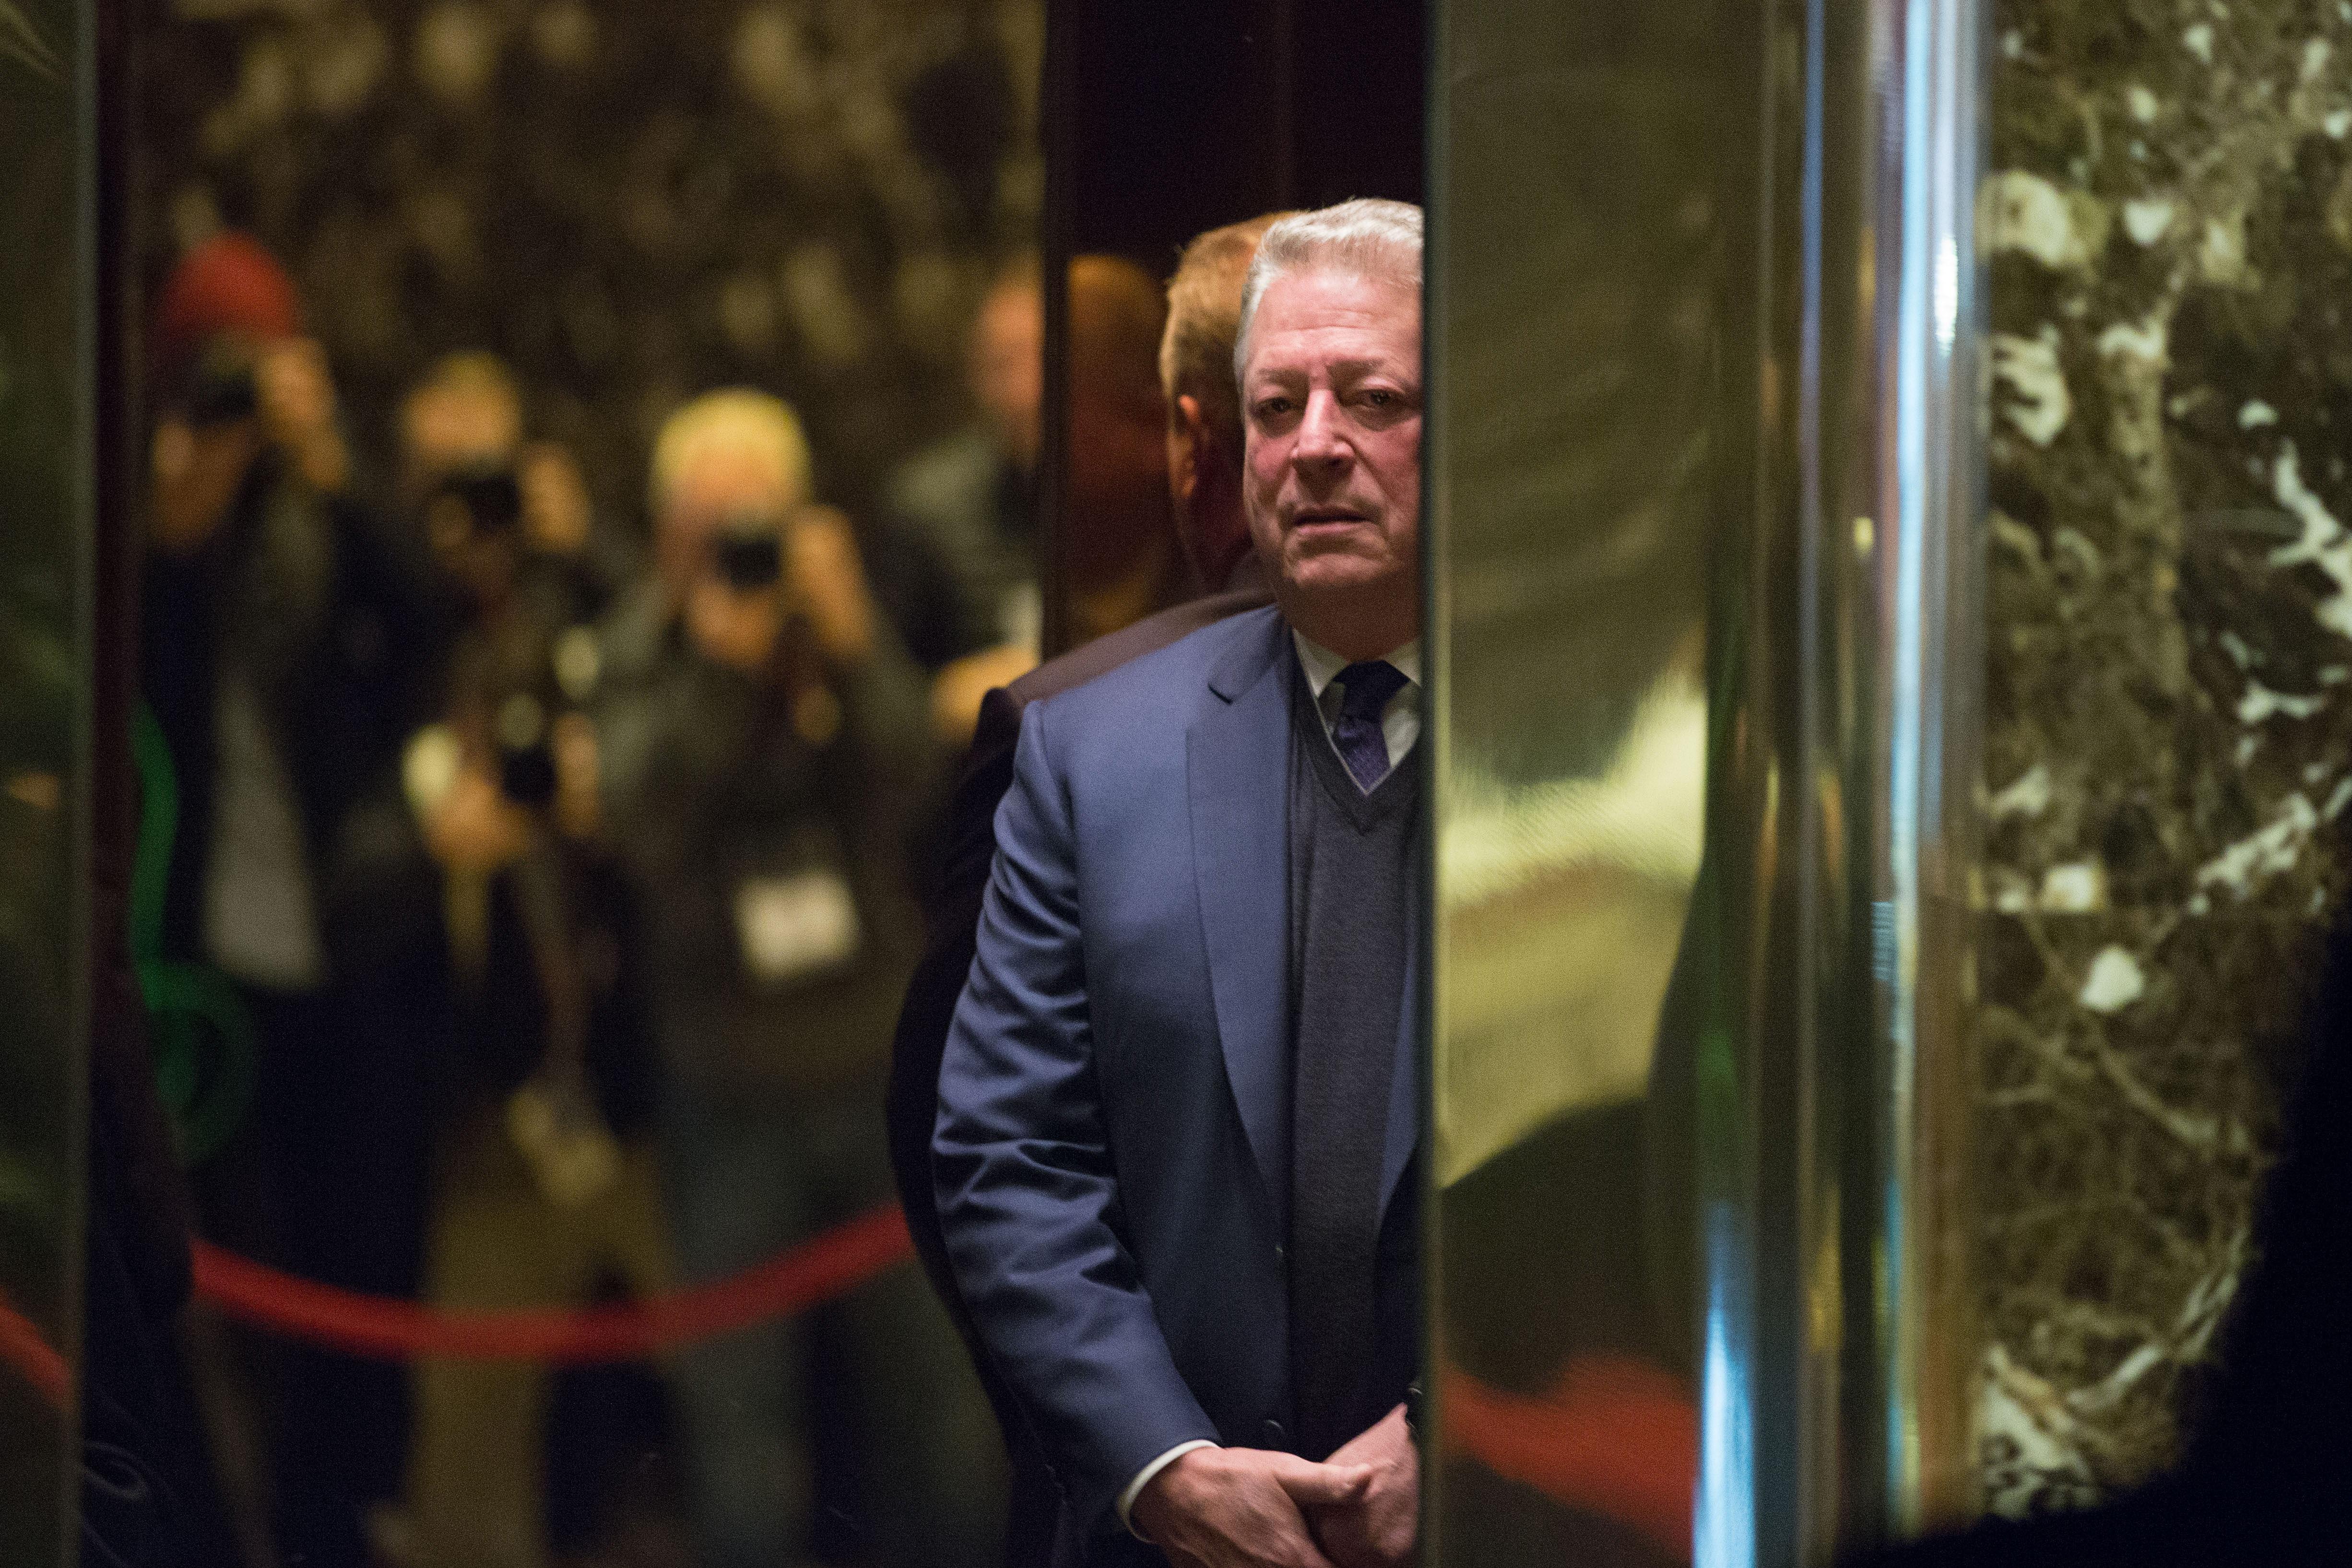 Al Gore For President 2016